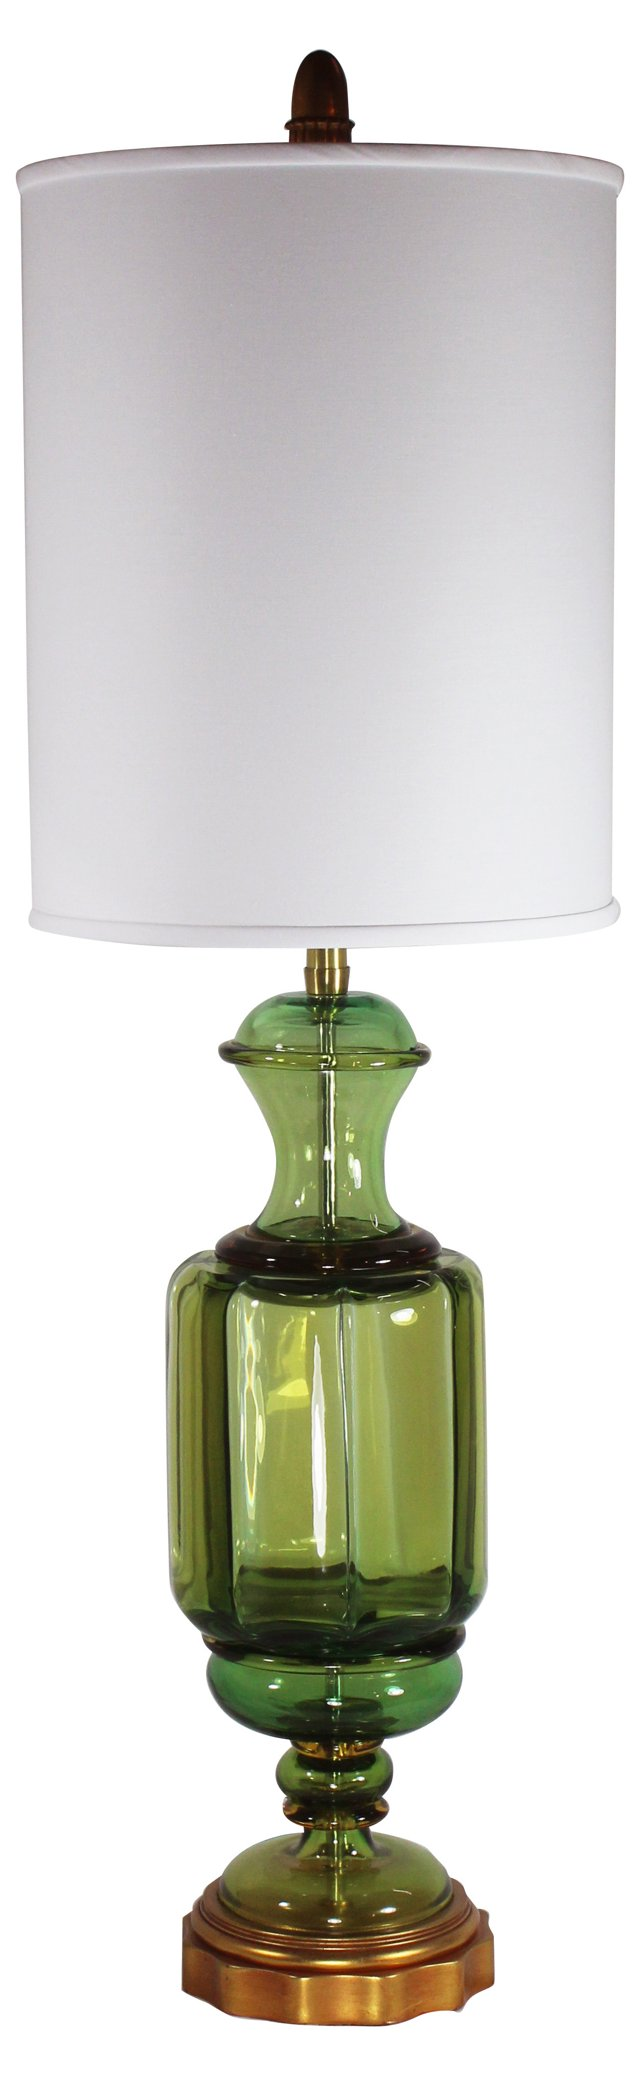 Seguso Murano Glass Lamp